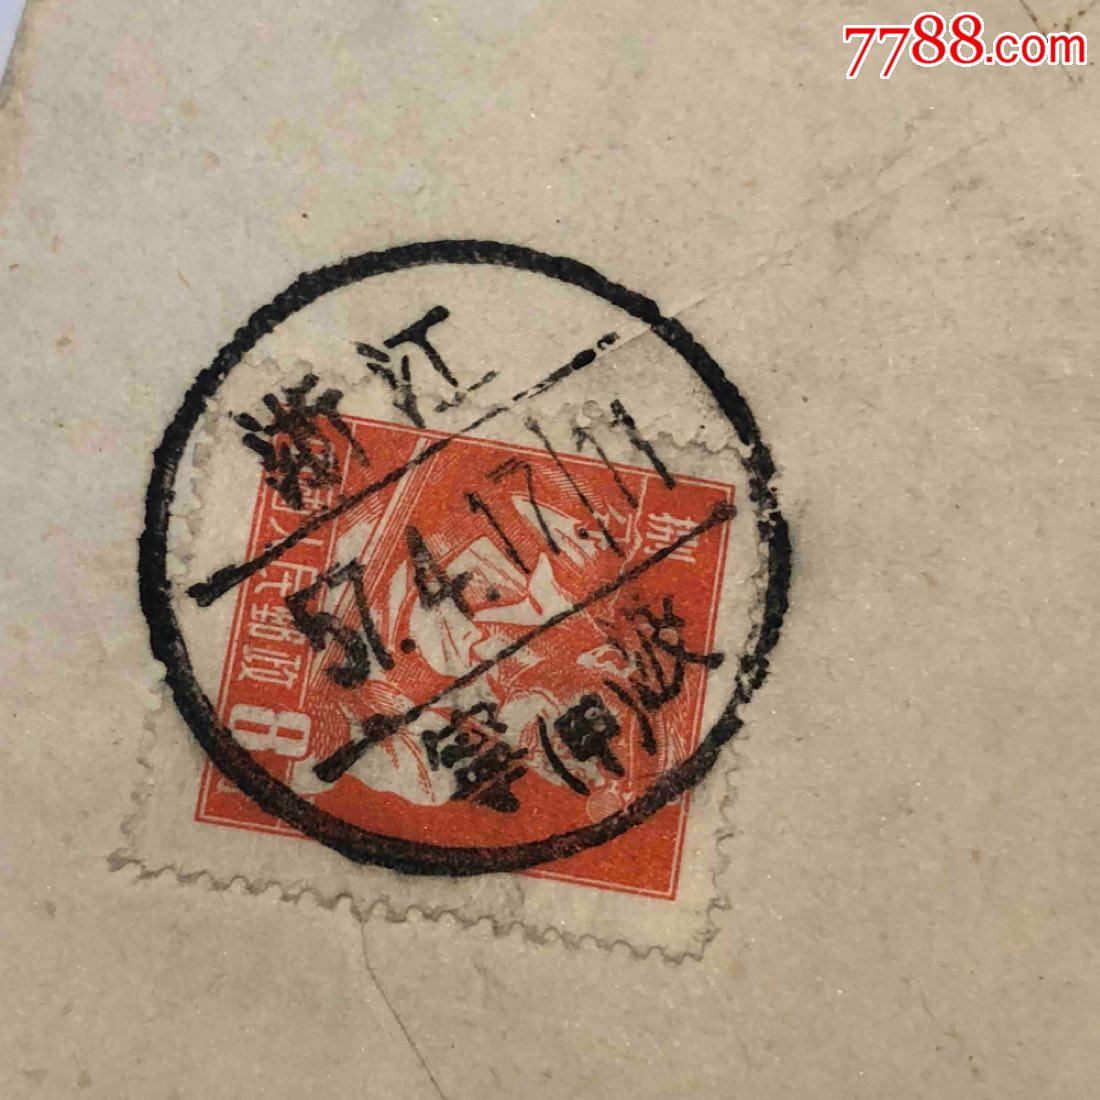 57年上海支30宁波甲邮戳贴8分邮票投递员一八、本店其它信封在拍_价格29元_第6张_